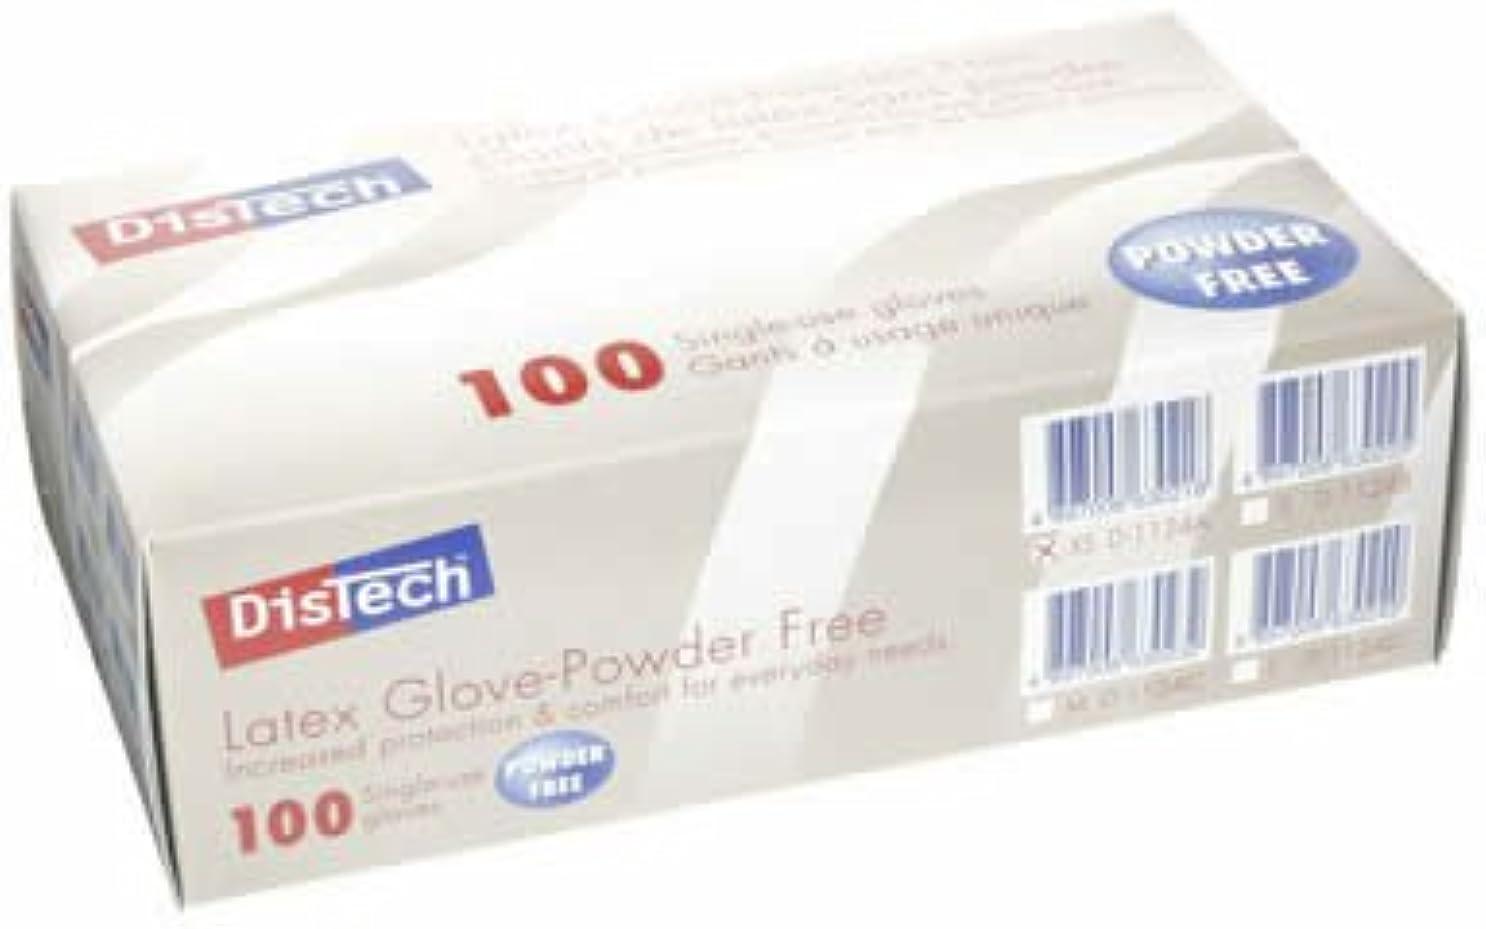 透明にカルシウムこねるD-1124AディステックラテックスグローブPF ポリマー加工 XS寸 100枚/箱